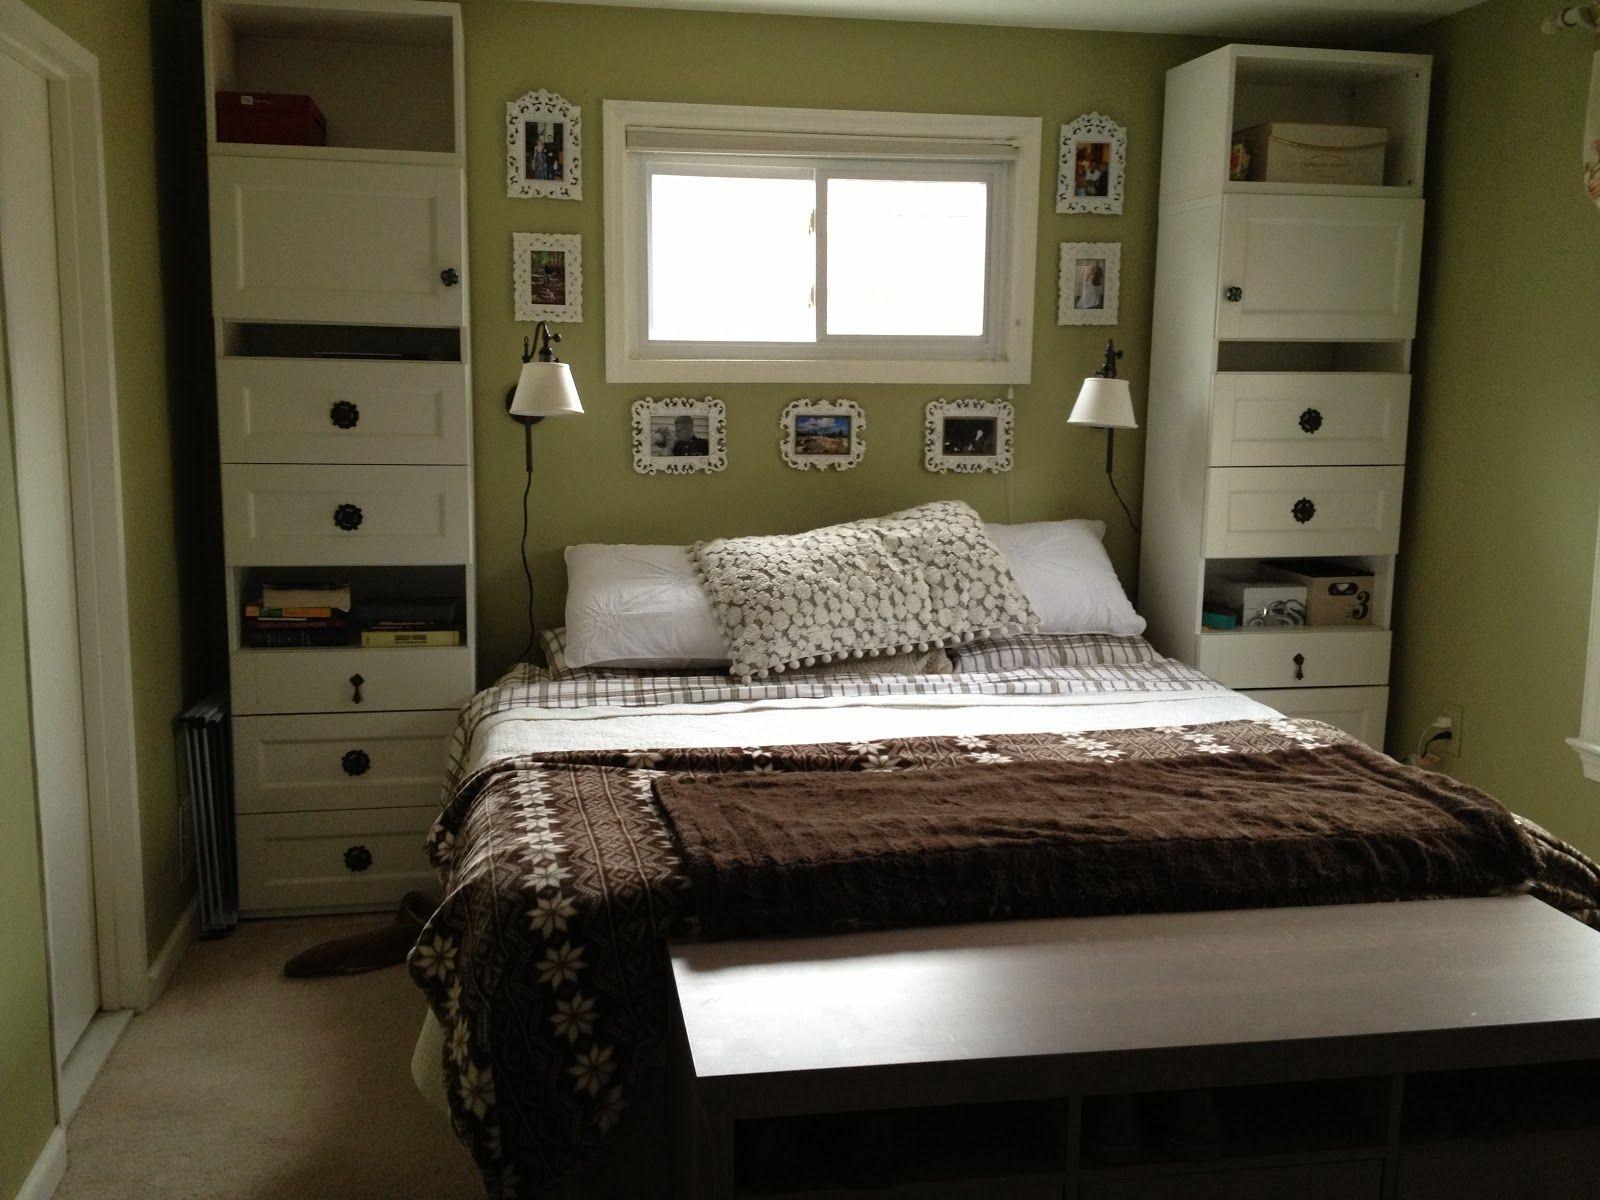 Best Ikea Bedroom Built In Surrounding Bed Google Search 640 x 480